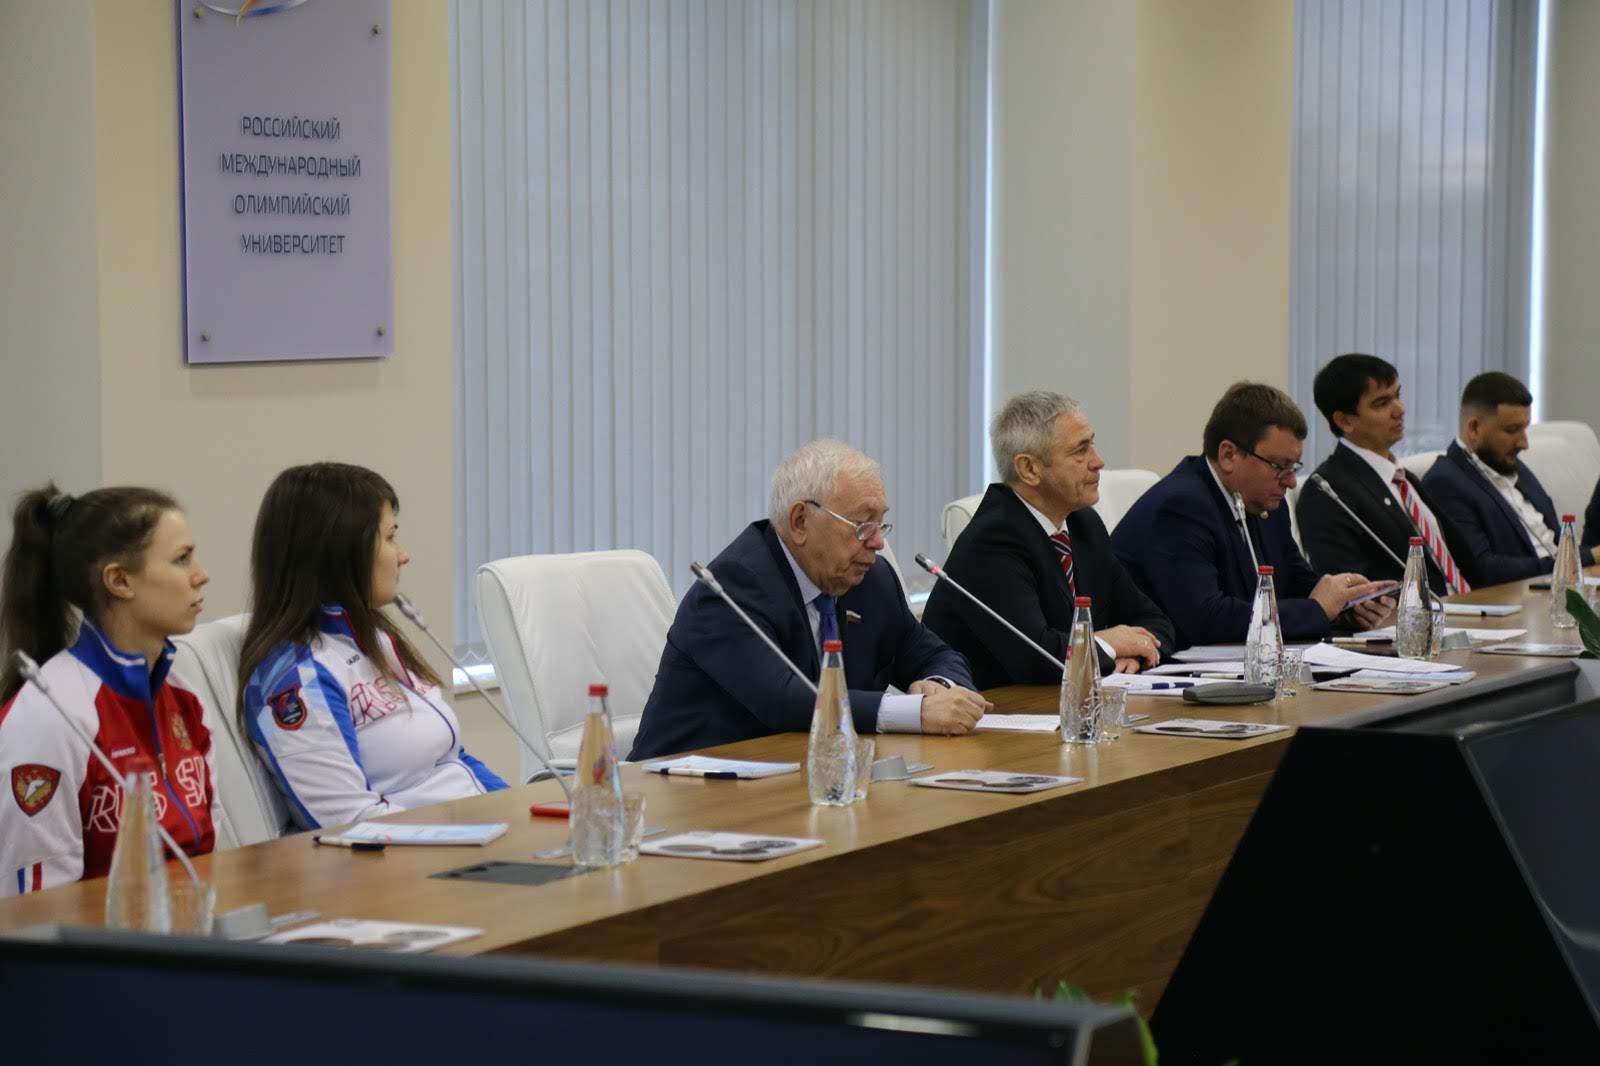 ПКР в г. Сочи в рамках Международного дня инвалидов и празднования 10-летия РМОУ провел образовательный семинар для членов паралимпийских сборных команд России